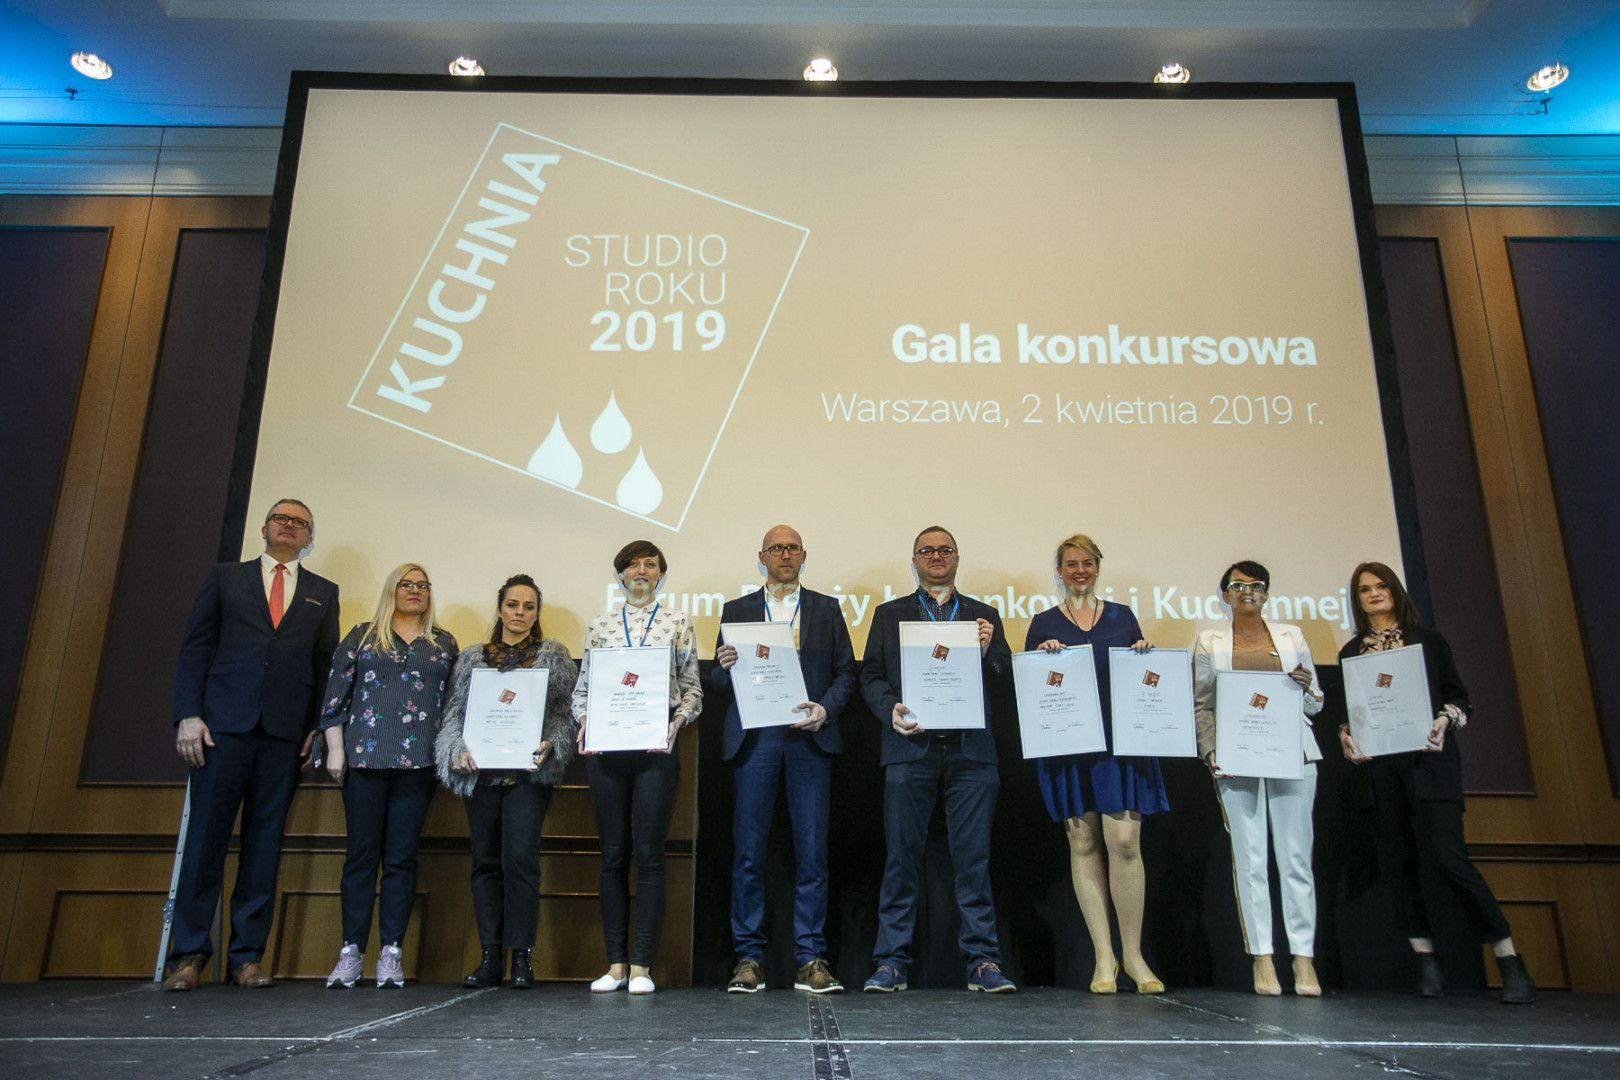 Gala konkursu Kuchnia - Studio Roku 2019